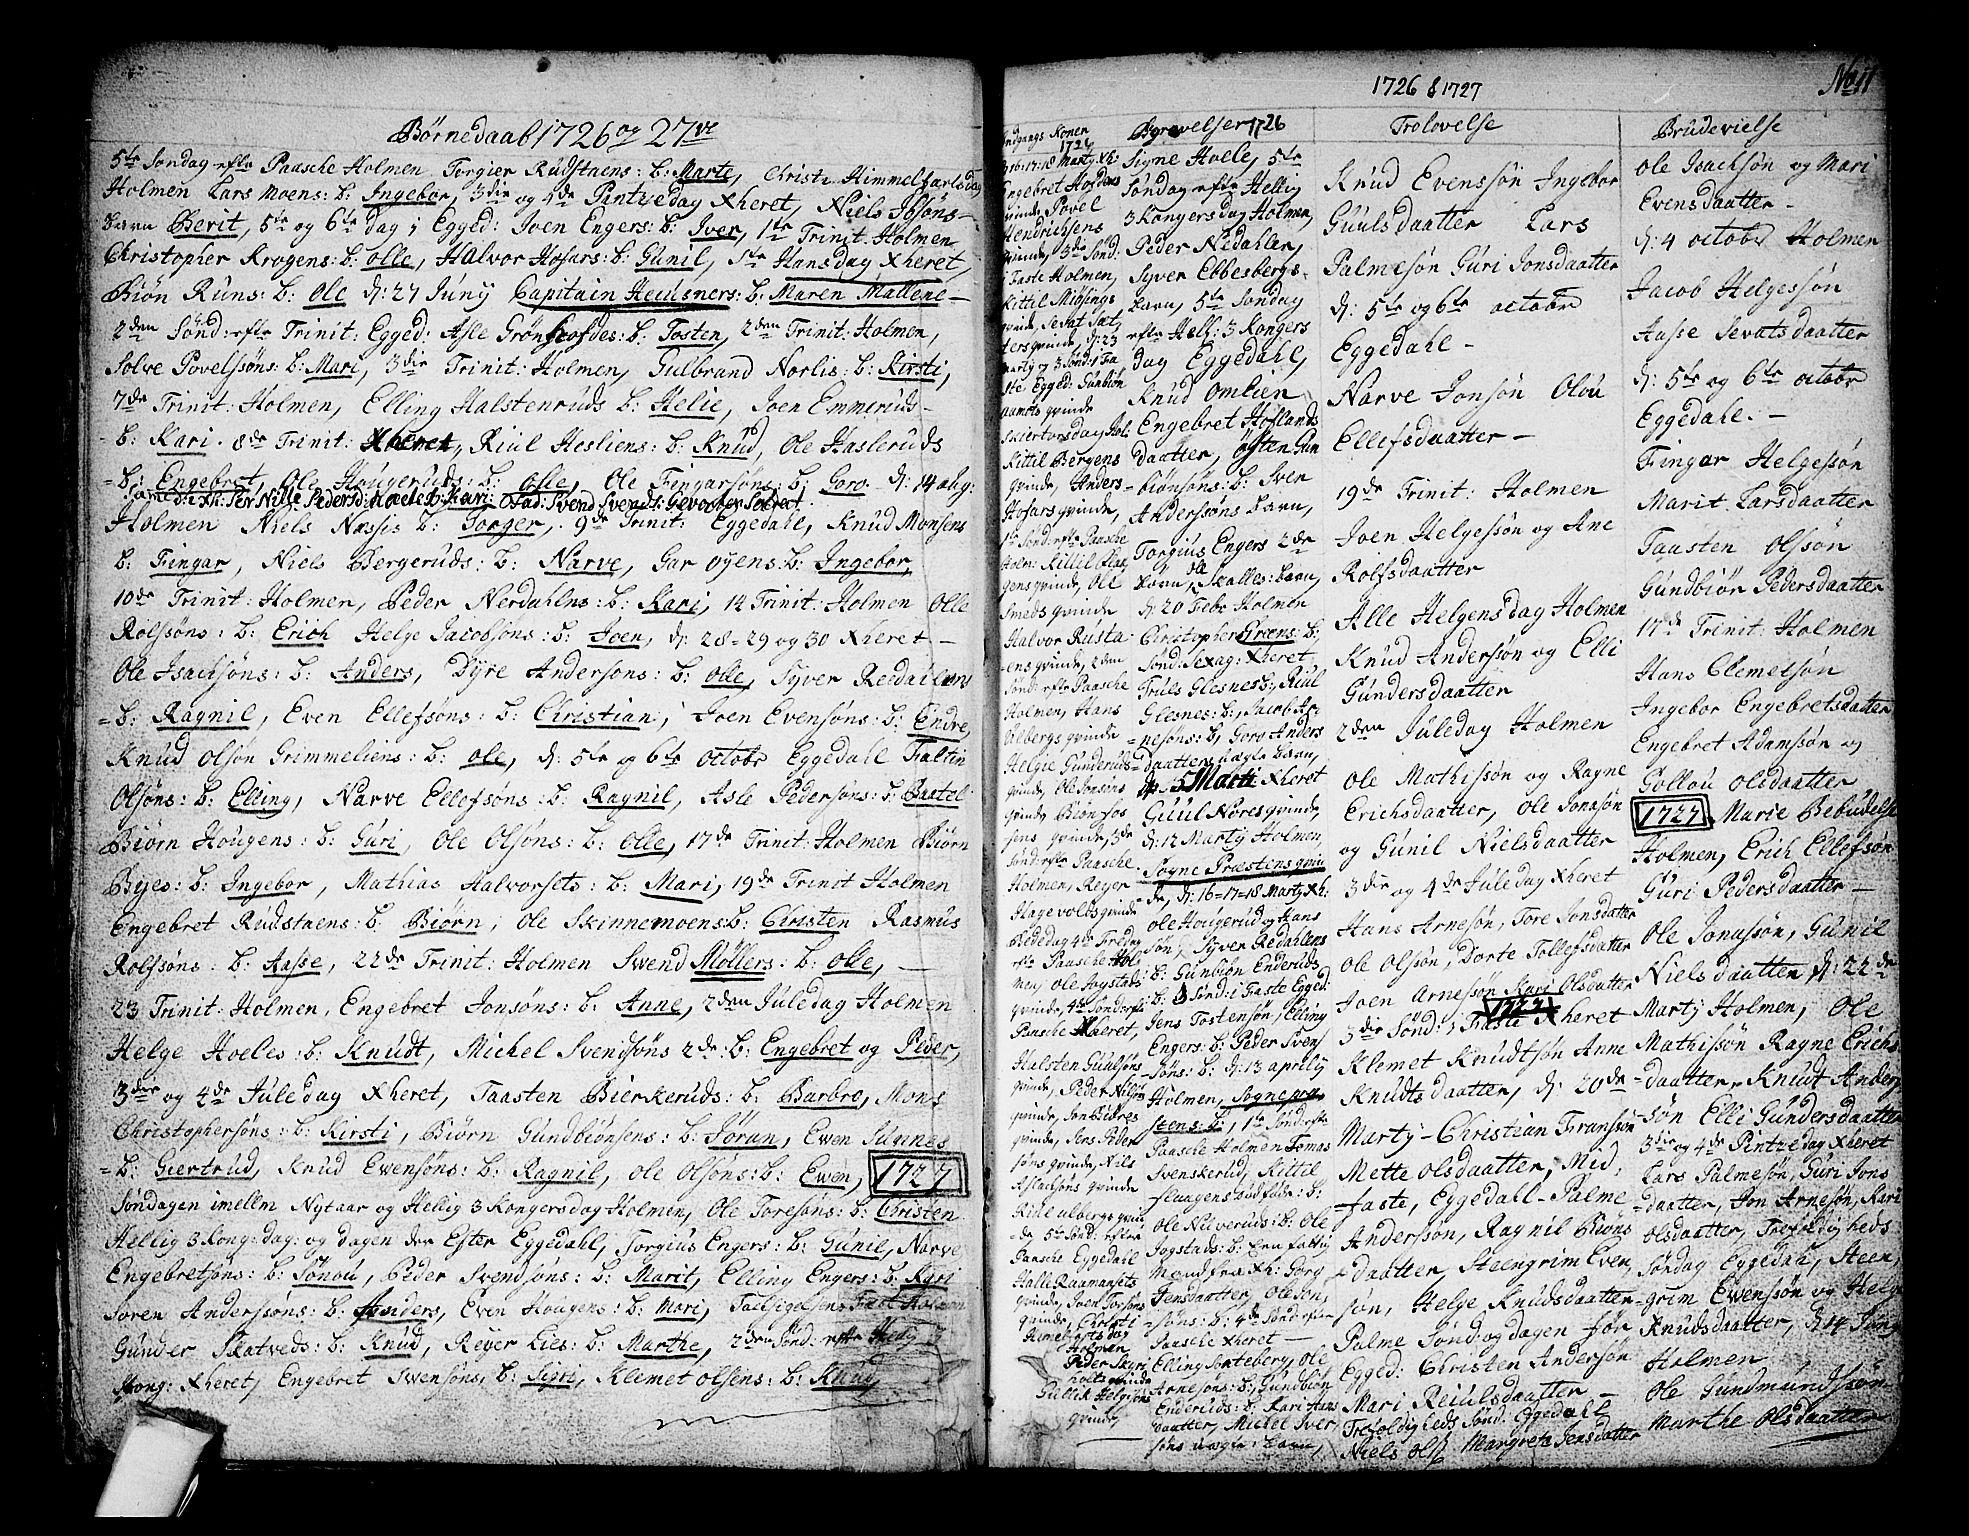 SAKO, Sigdal kirkebøker, F/Fa/L0001: Ministerialbok nr. I 1, 1722-1777, s. 11